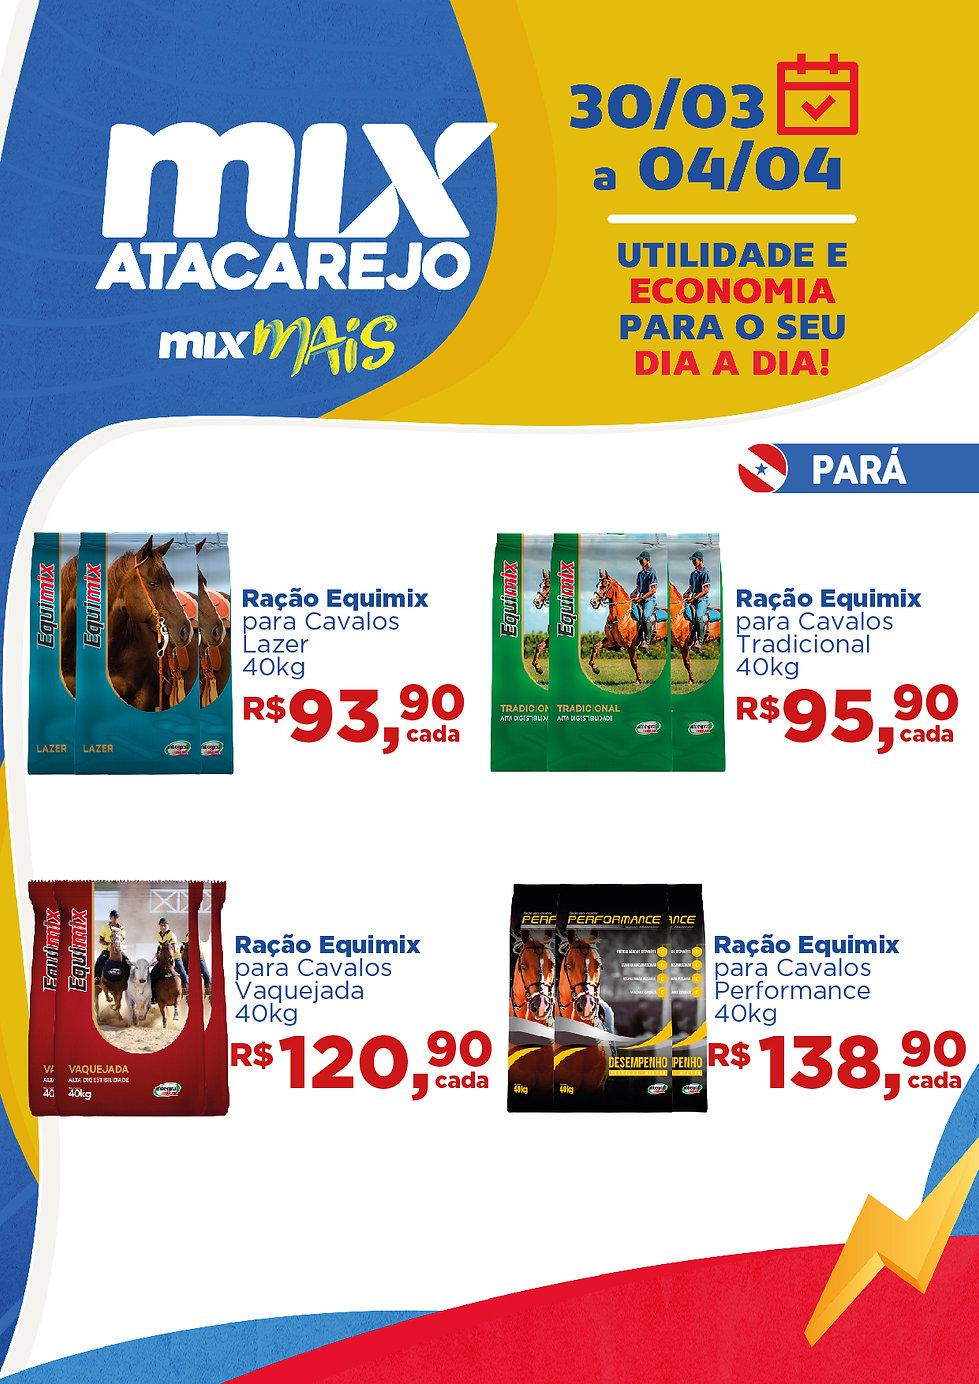 ENCARTE_MIX_MAIS_RAÇÃO_Prancheta_1.jpg